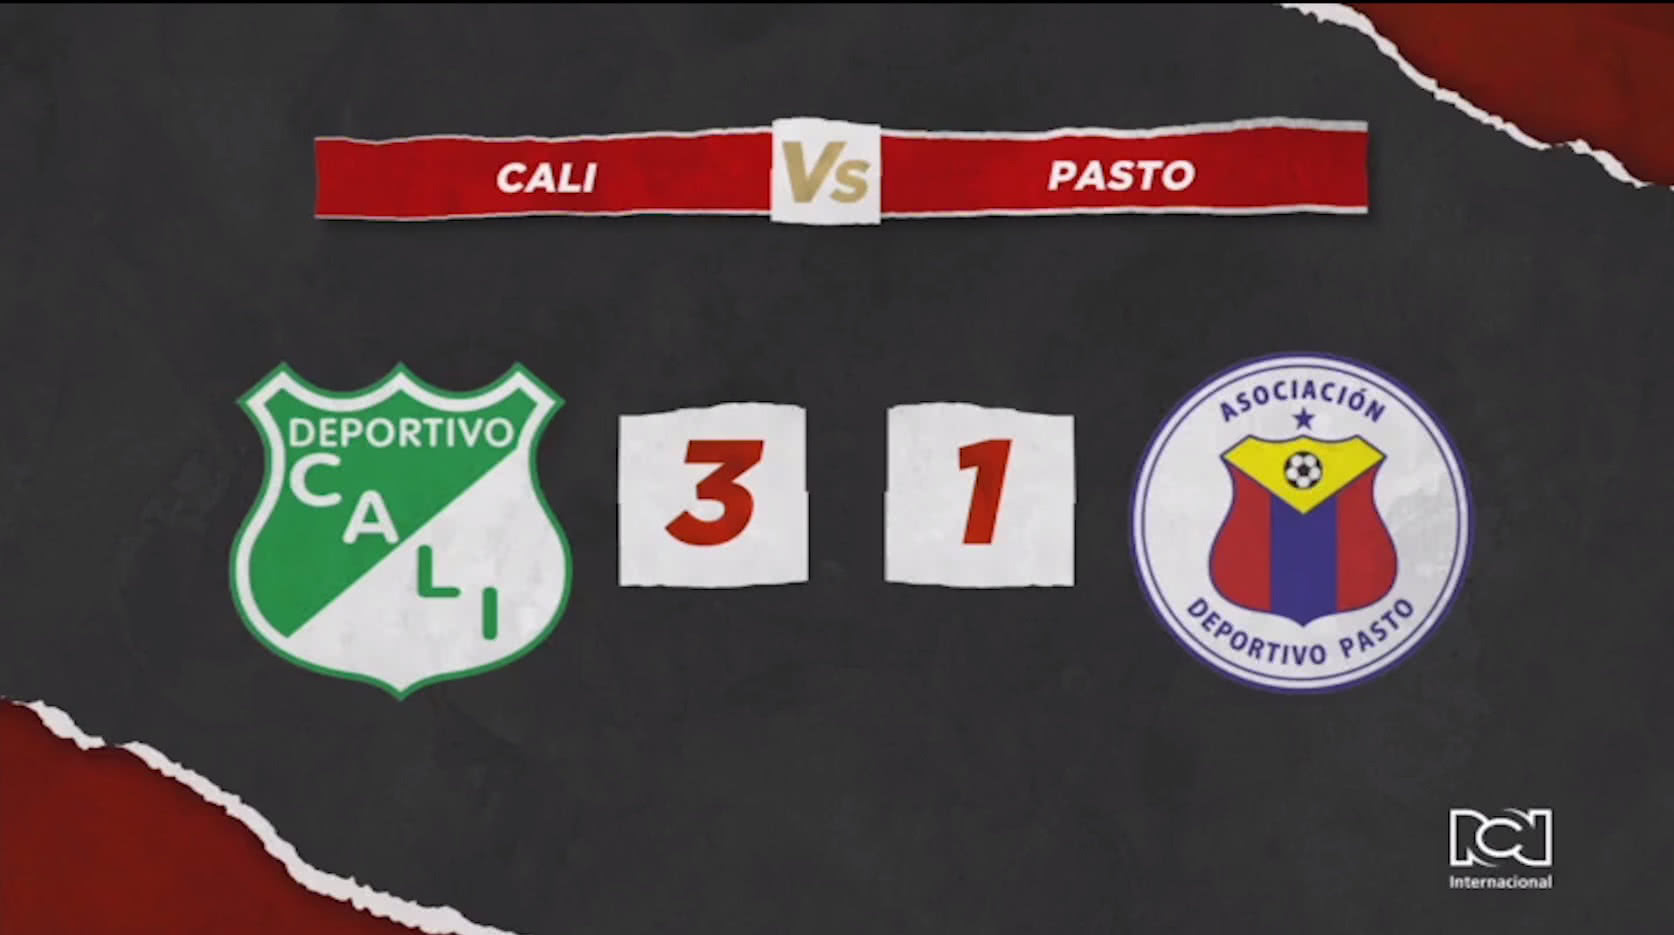 Deportivo Cali se hizo fuerte en su casa y derrotó al Deportivo Pasto